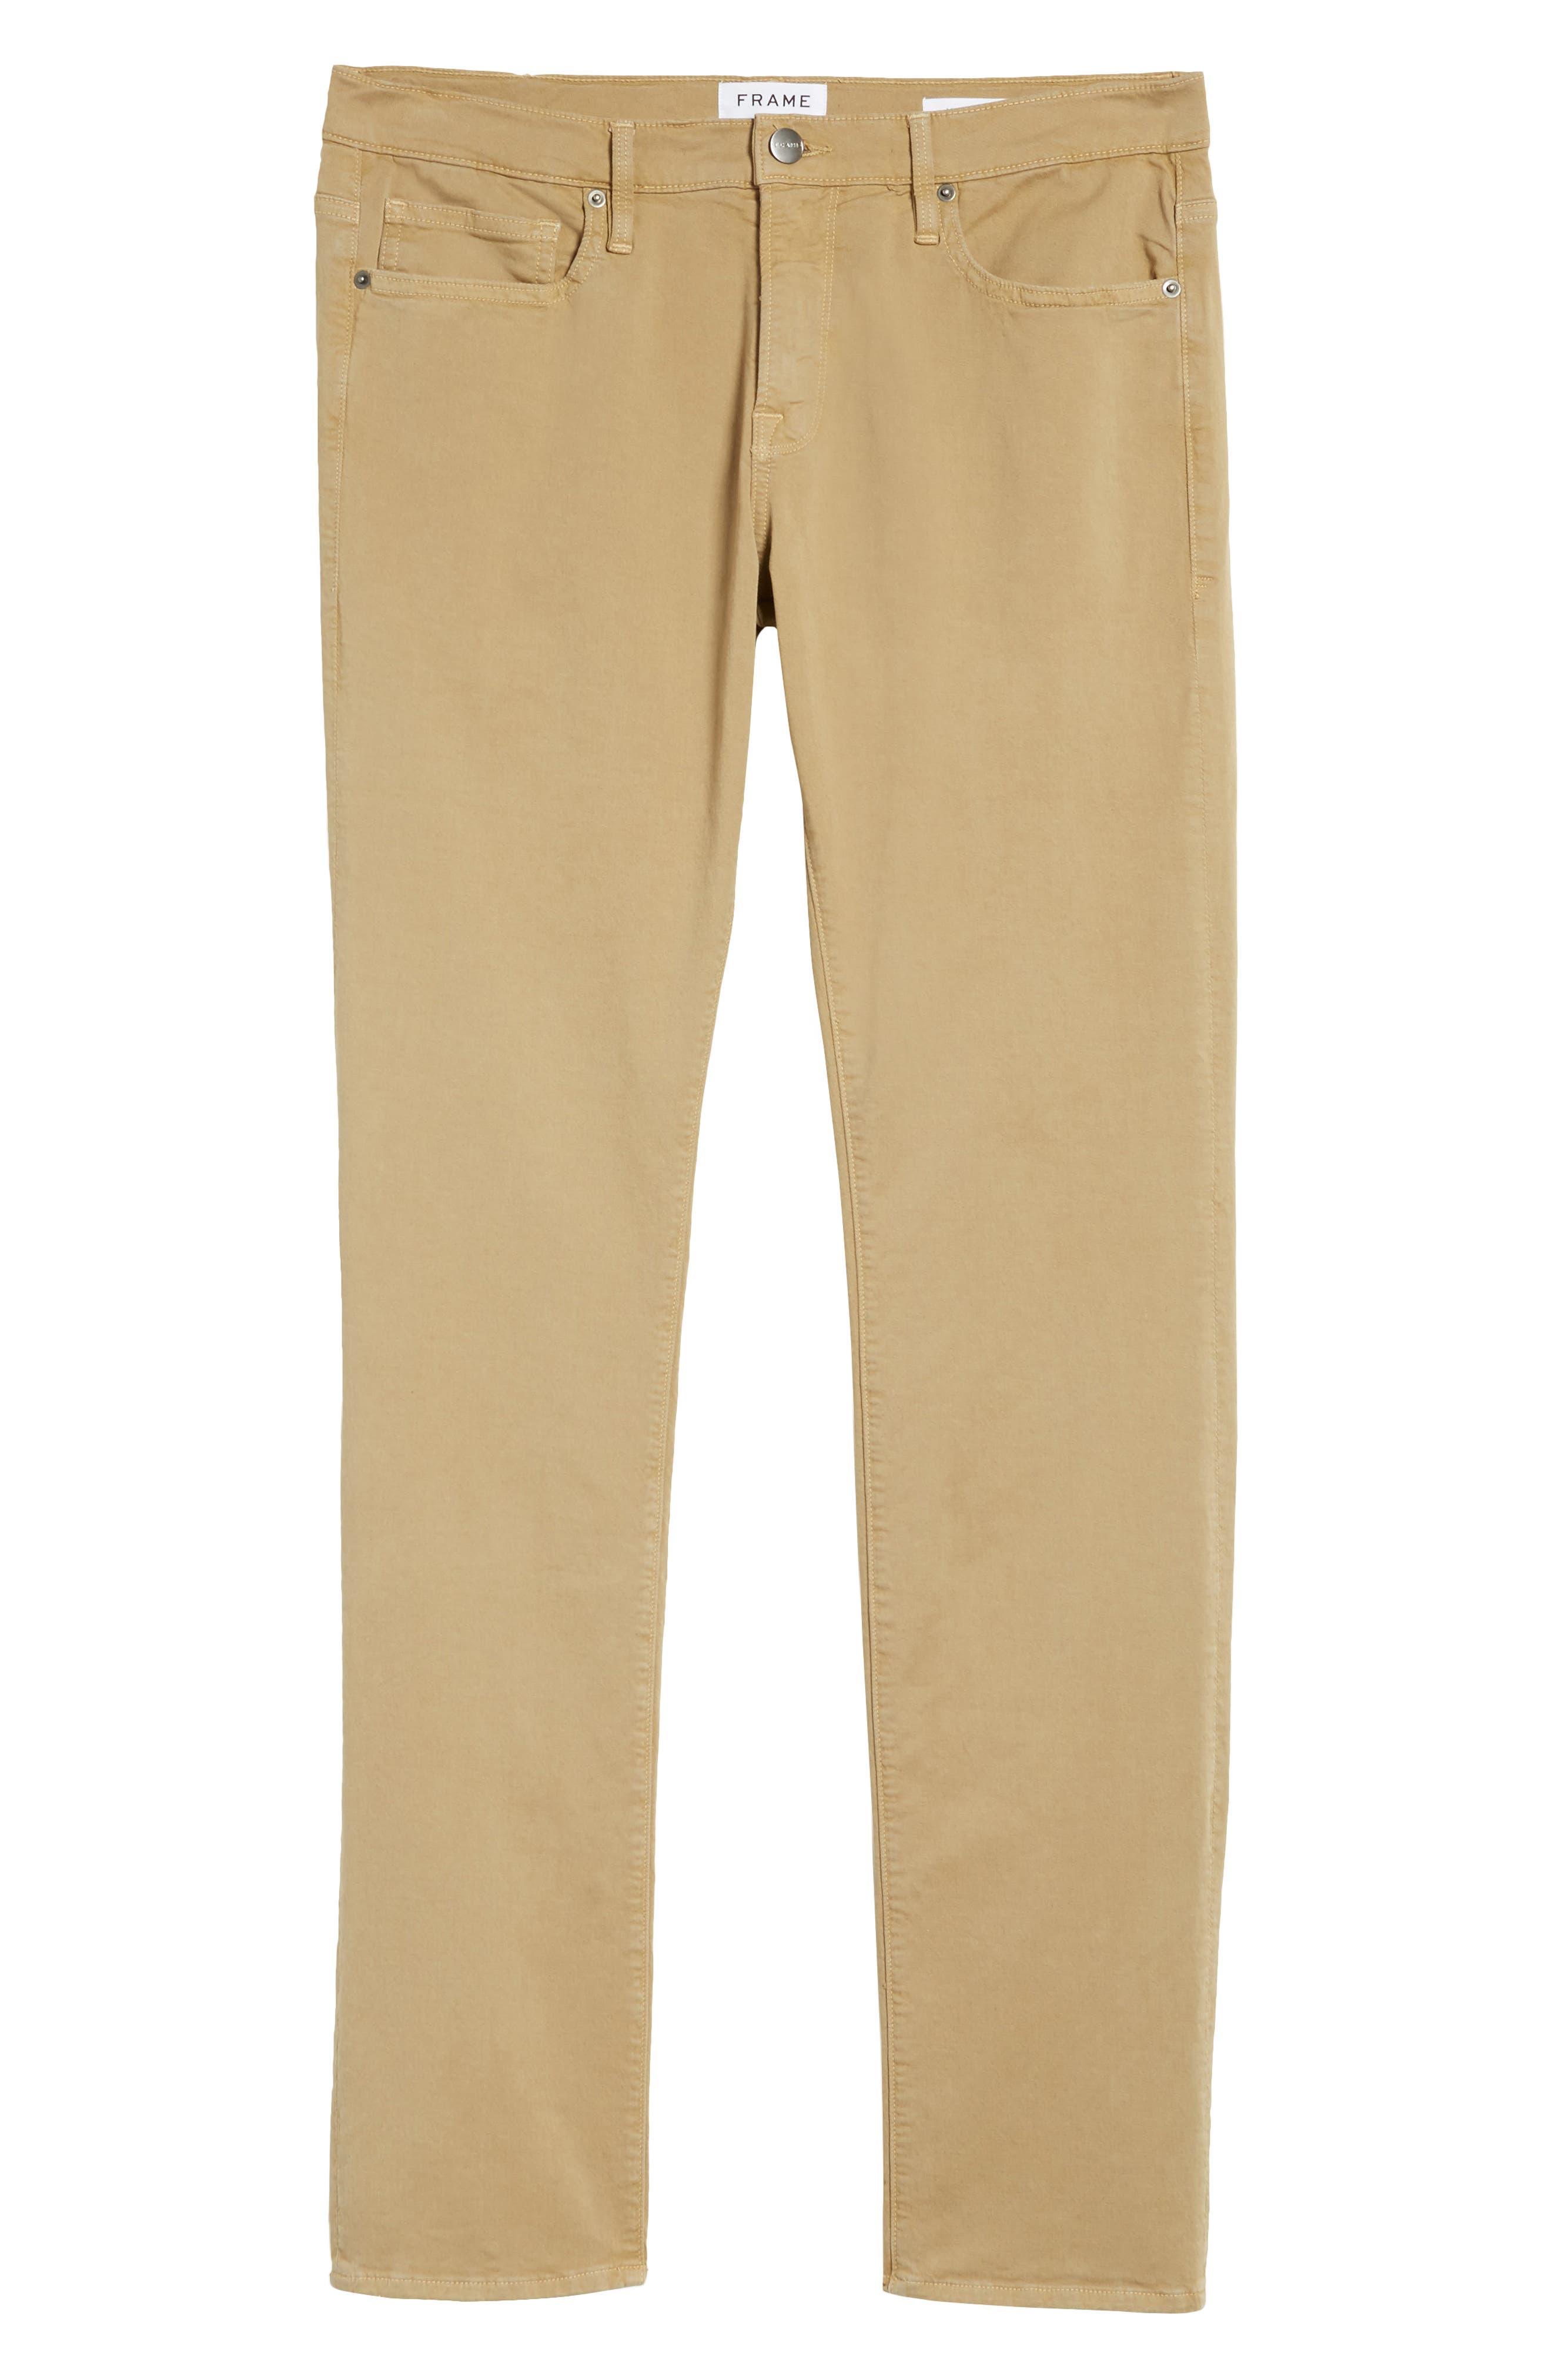 Homme Slim Fit Chino Pants,                             Alternate thumbnail 6, color,                             Khaki